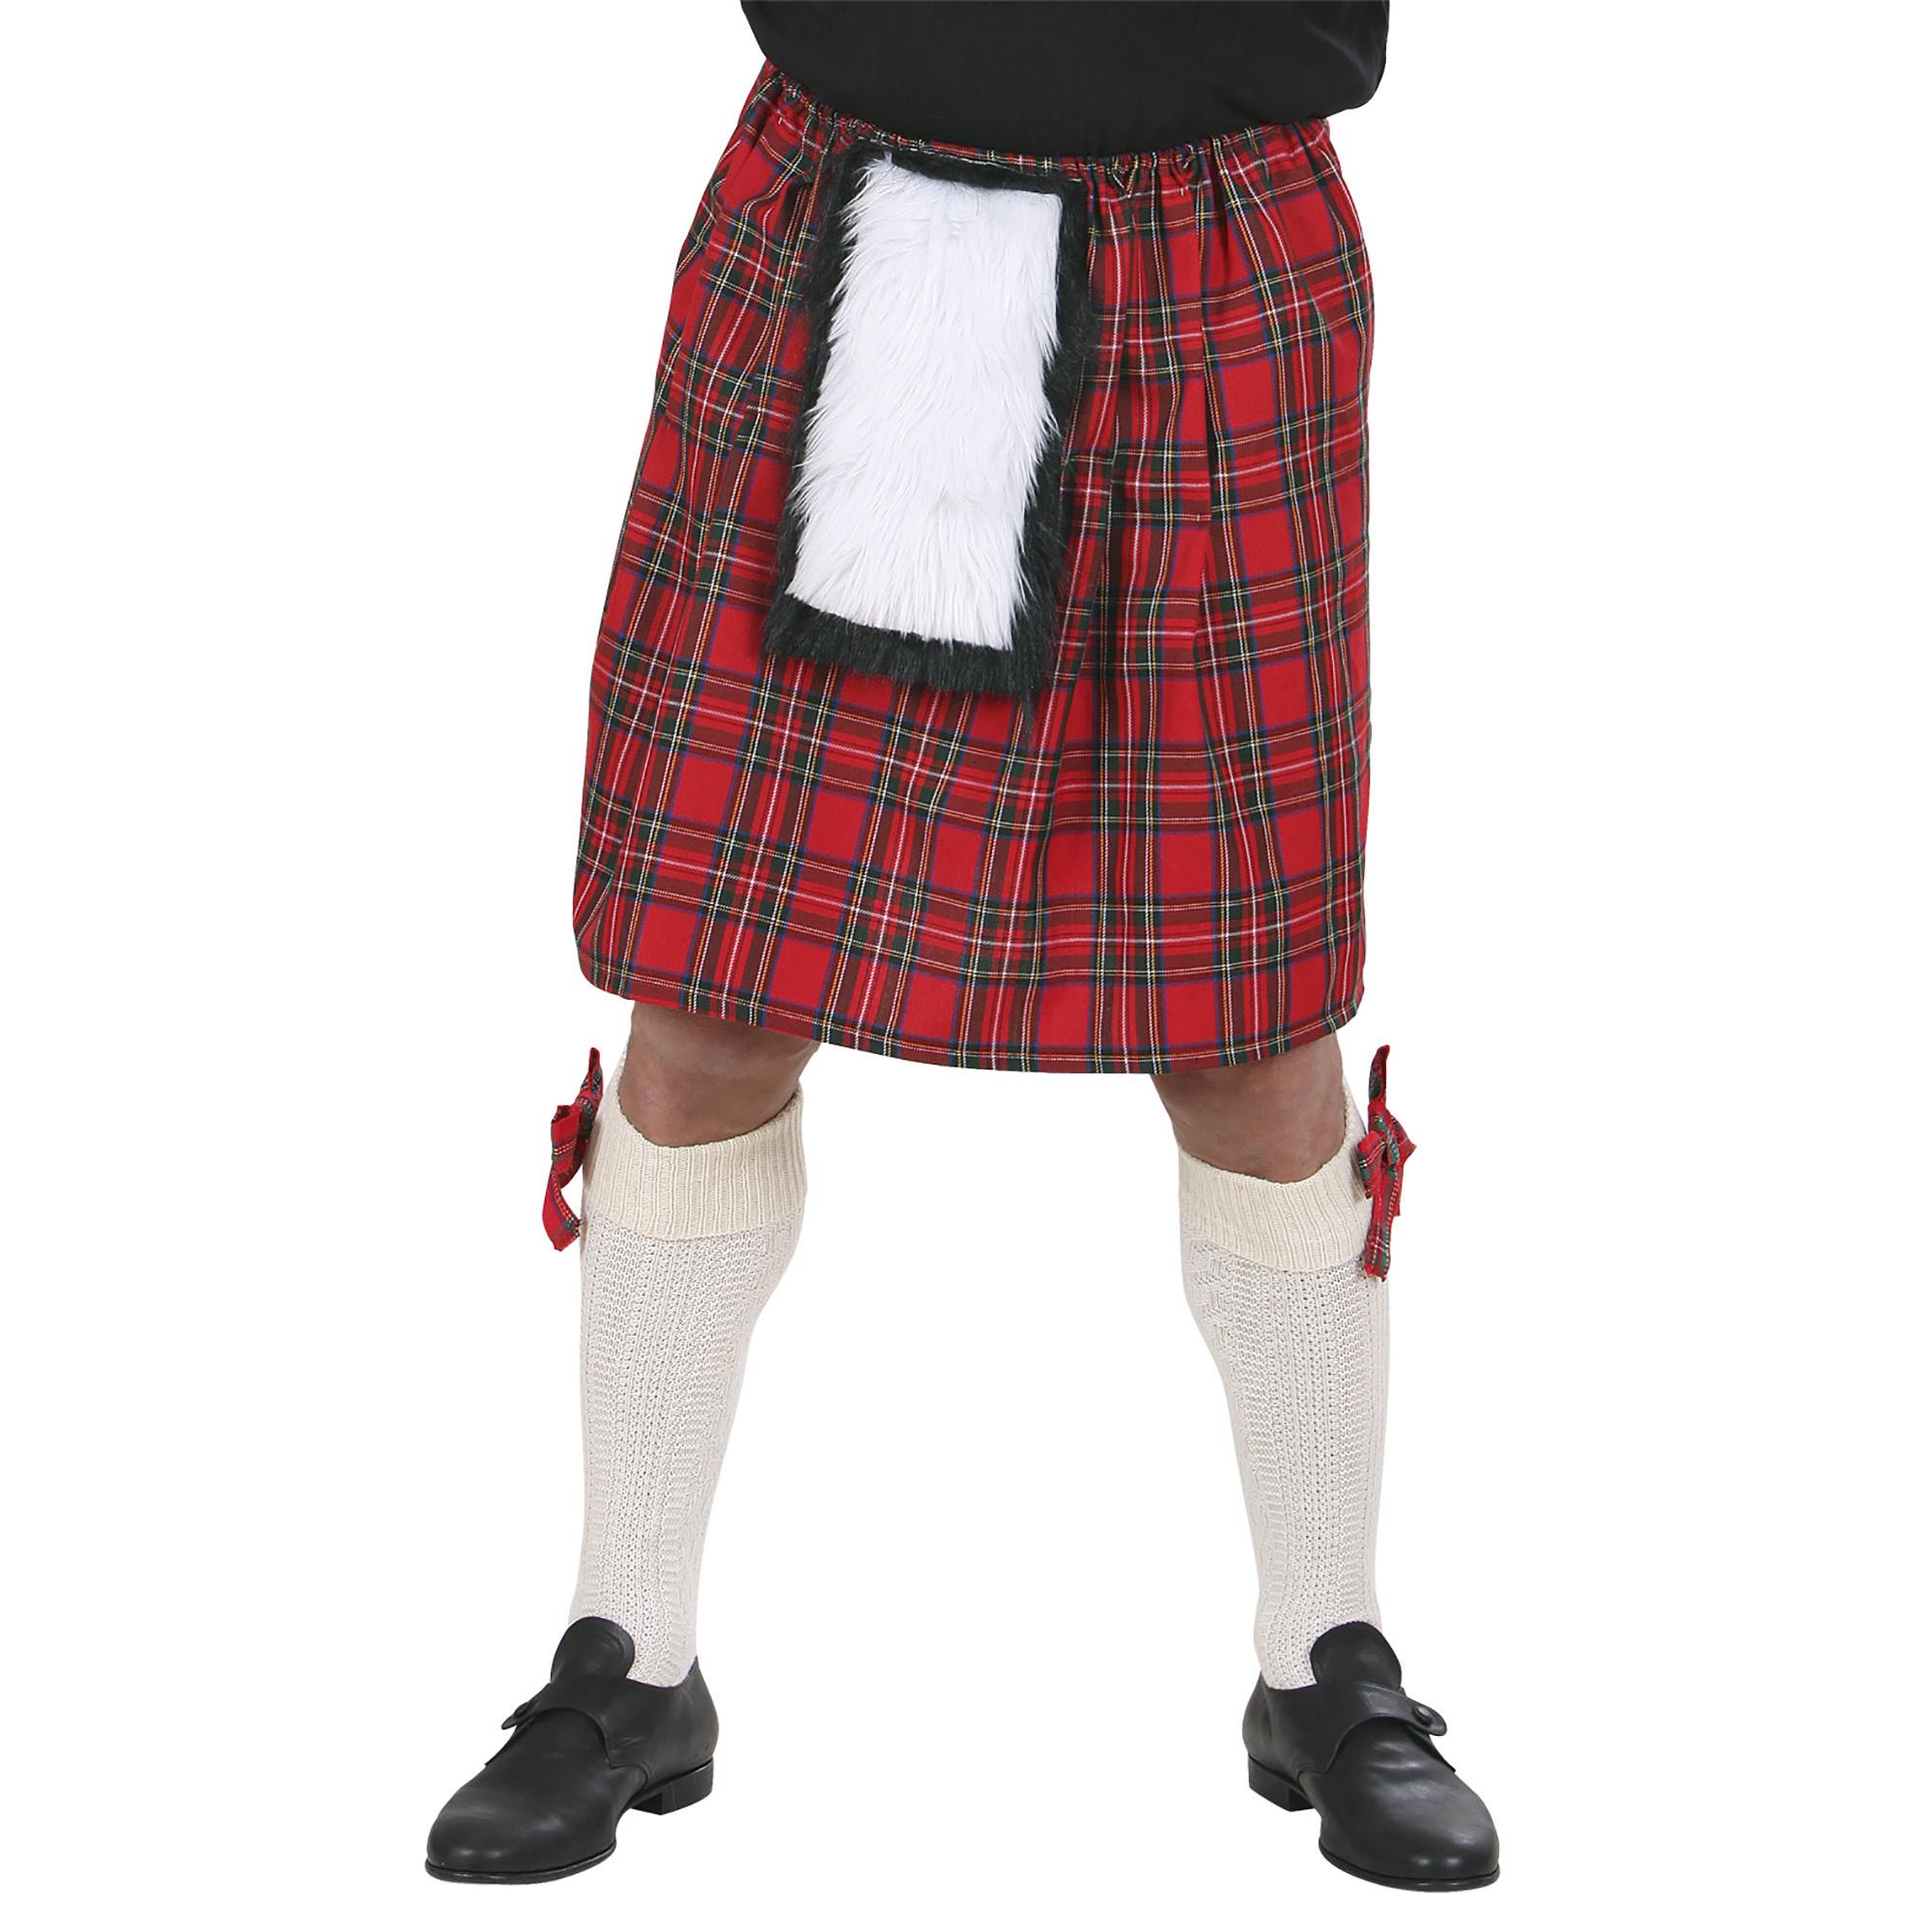 Carnavalskostuum: Schotse kilt voor carnaval